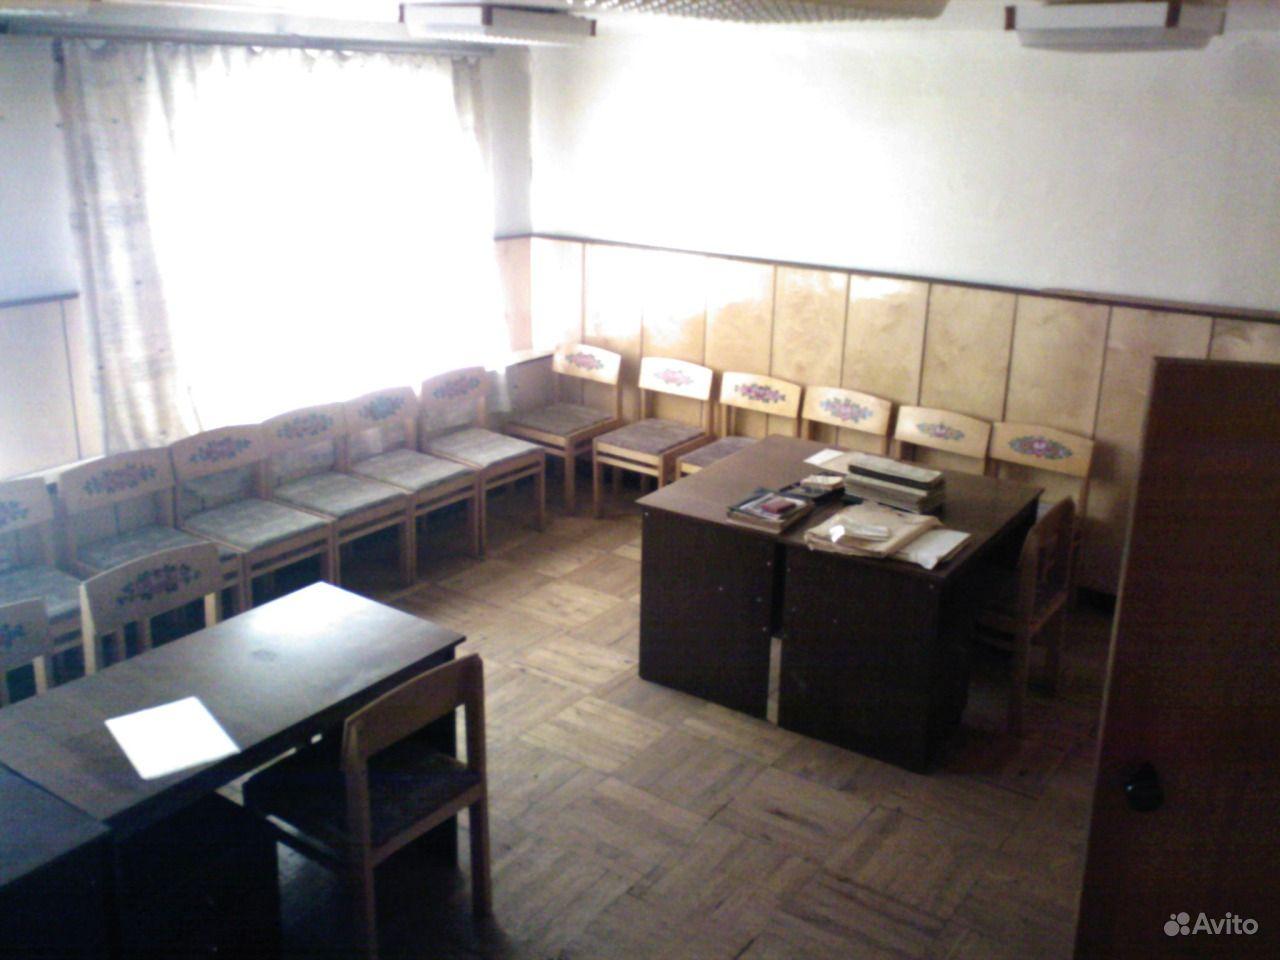 Столы б/у Москва: продать, купить стол (компьютерный